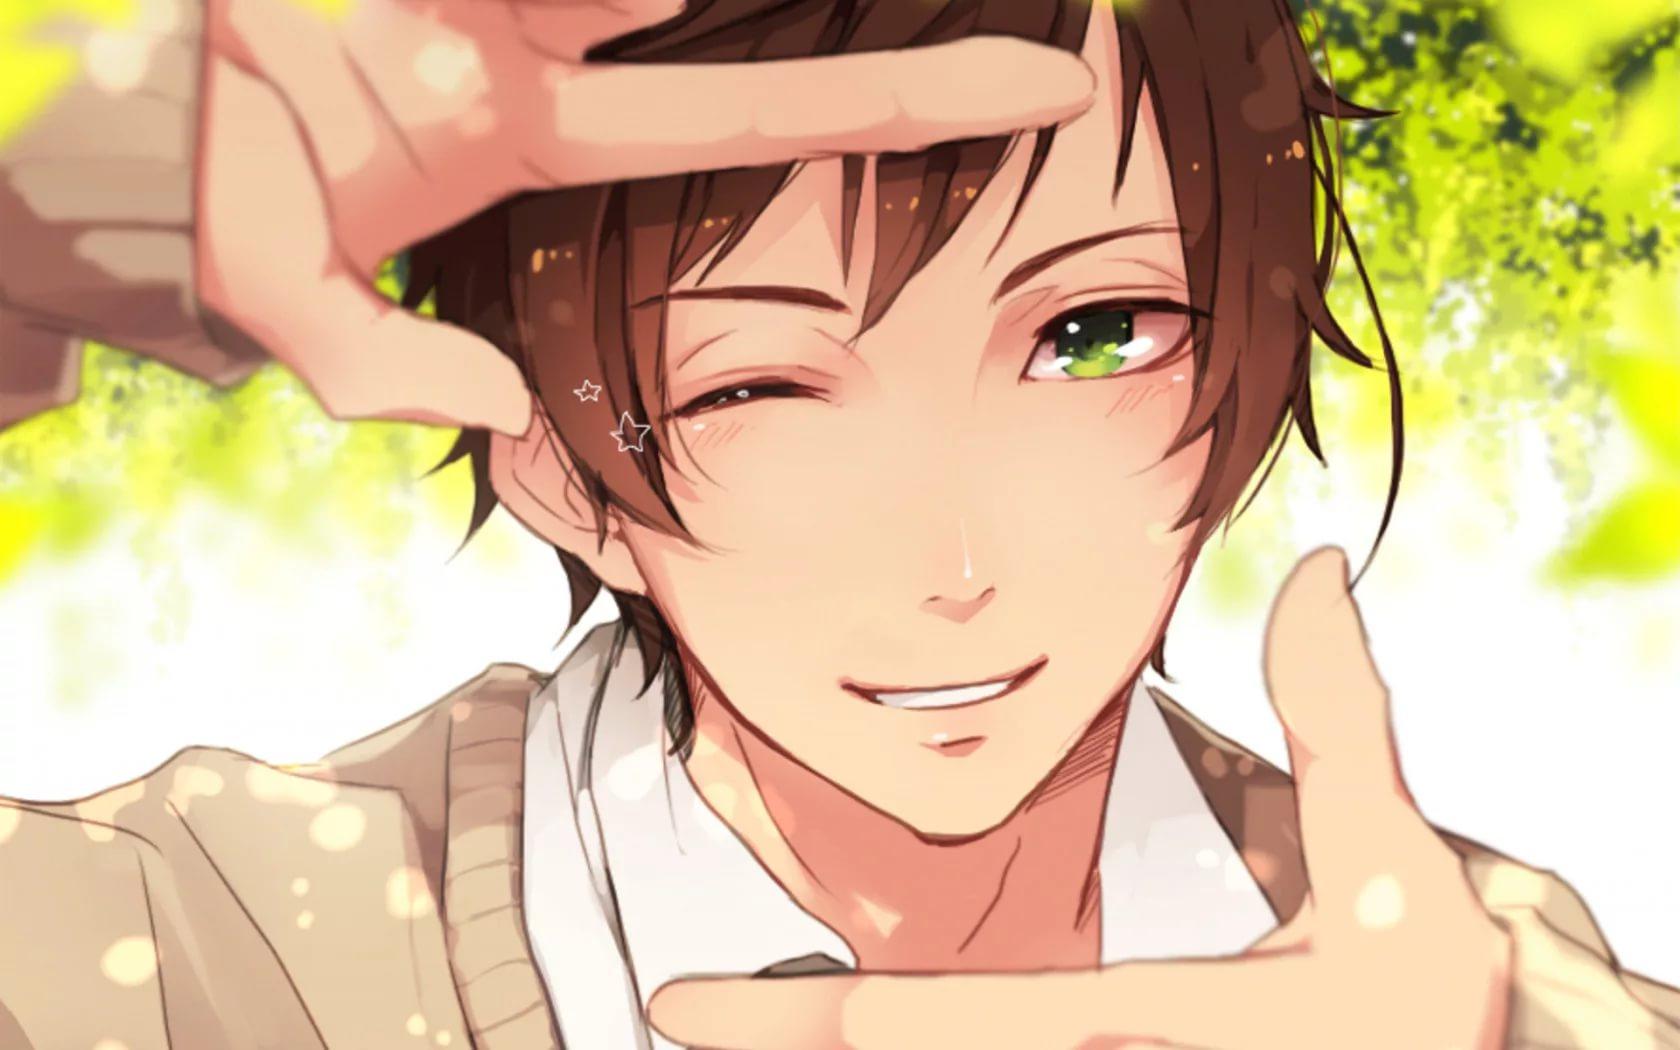 Самые милые арты аниме парней 7